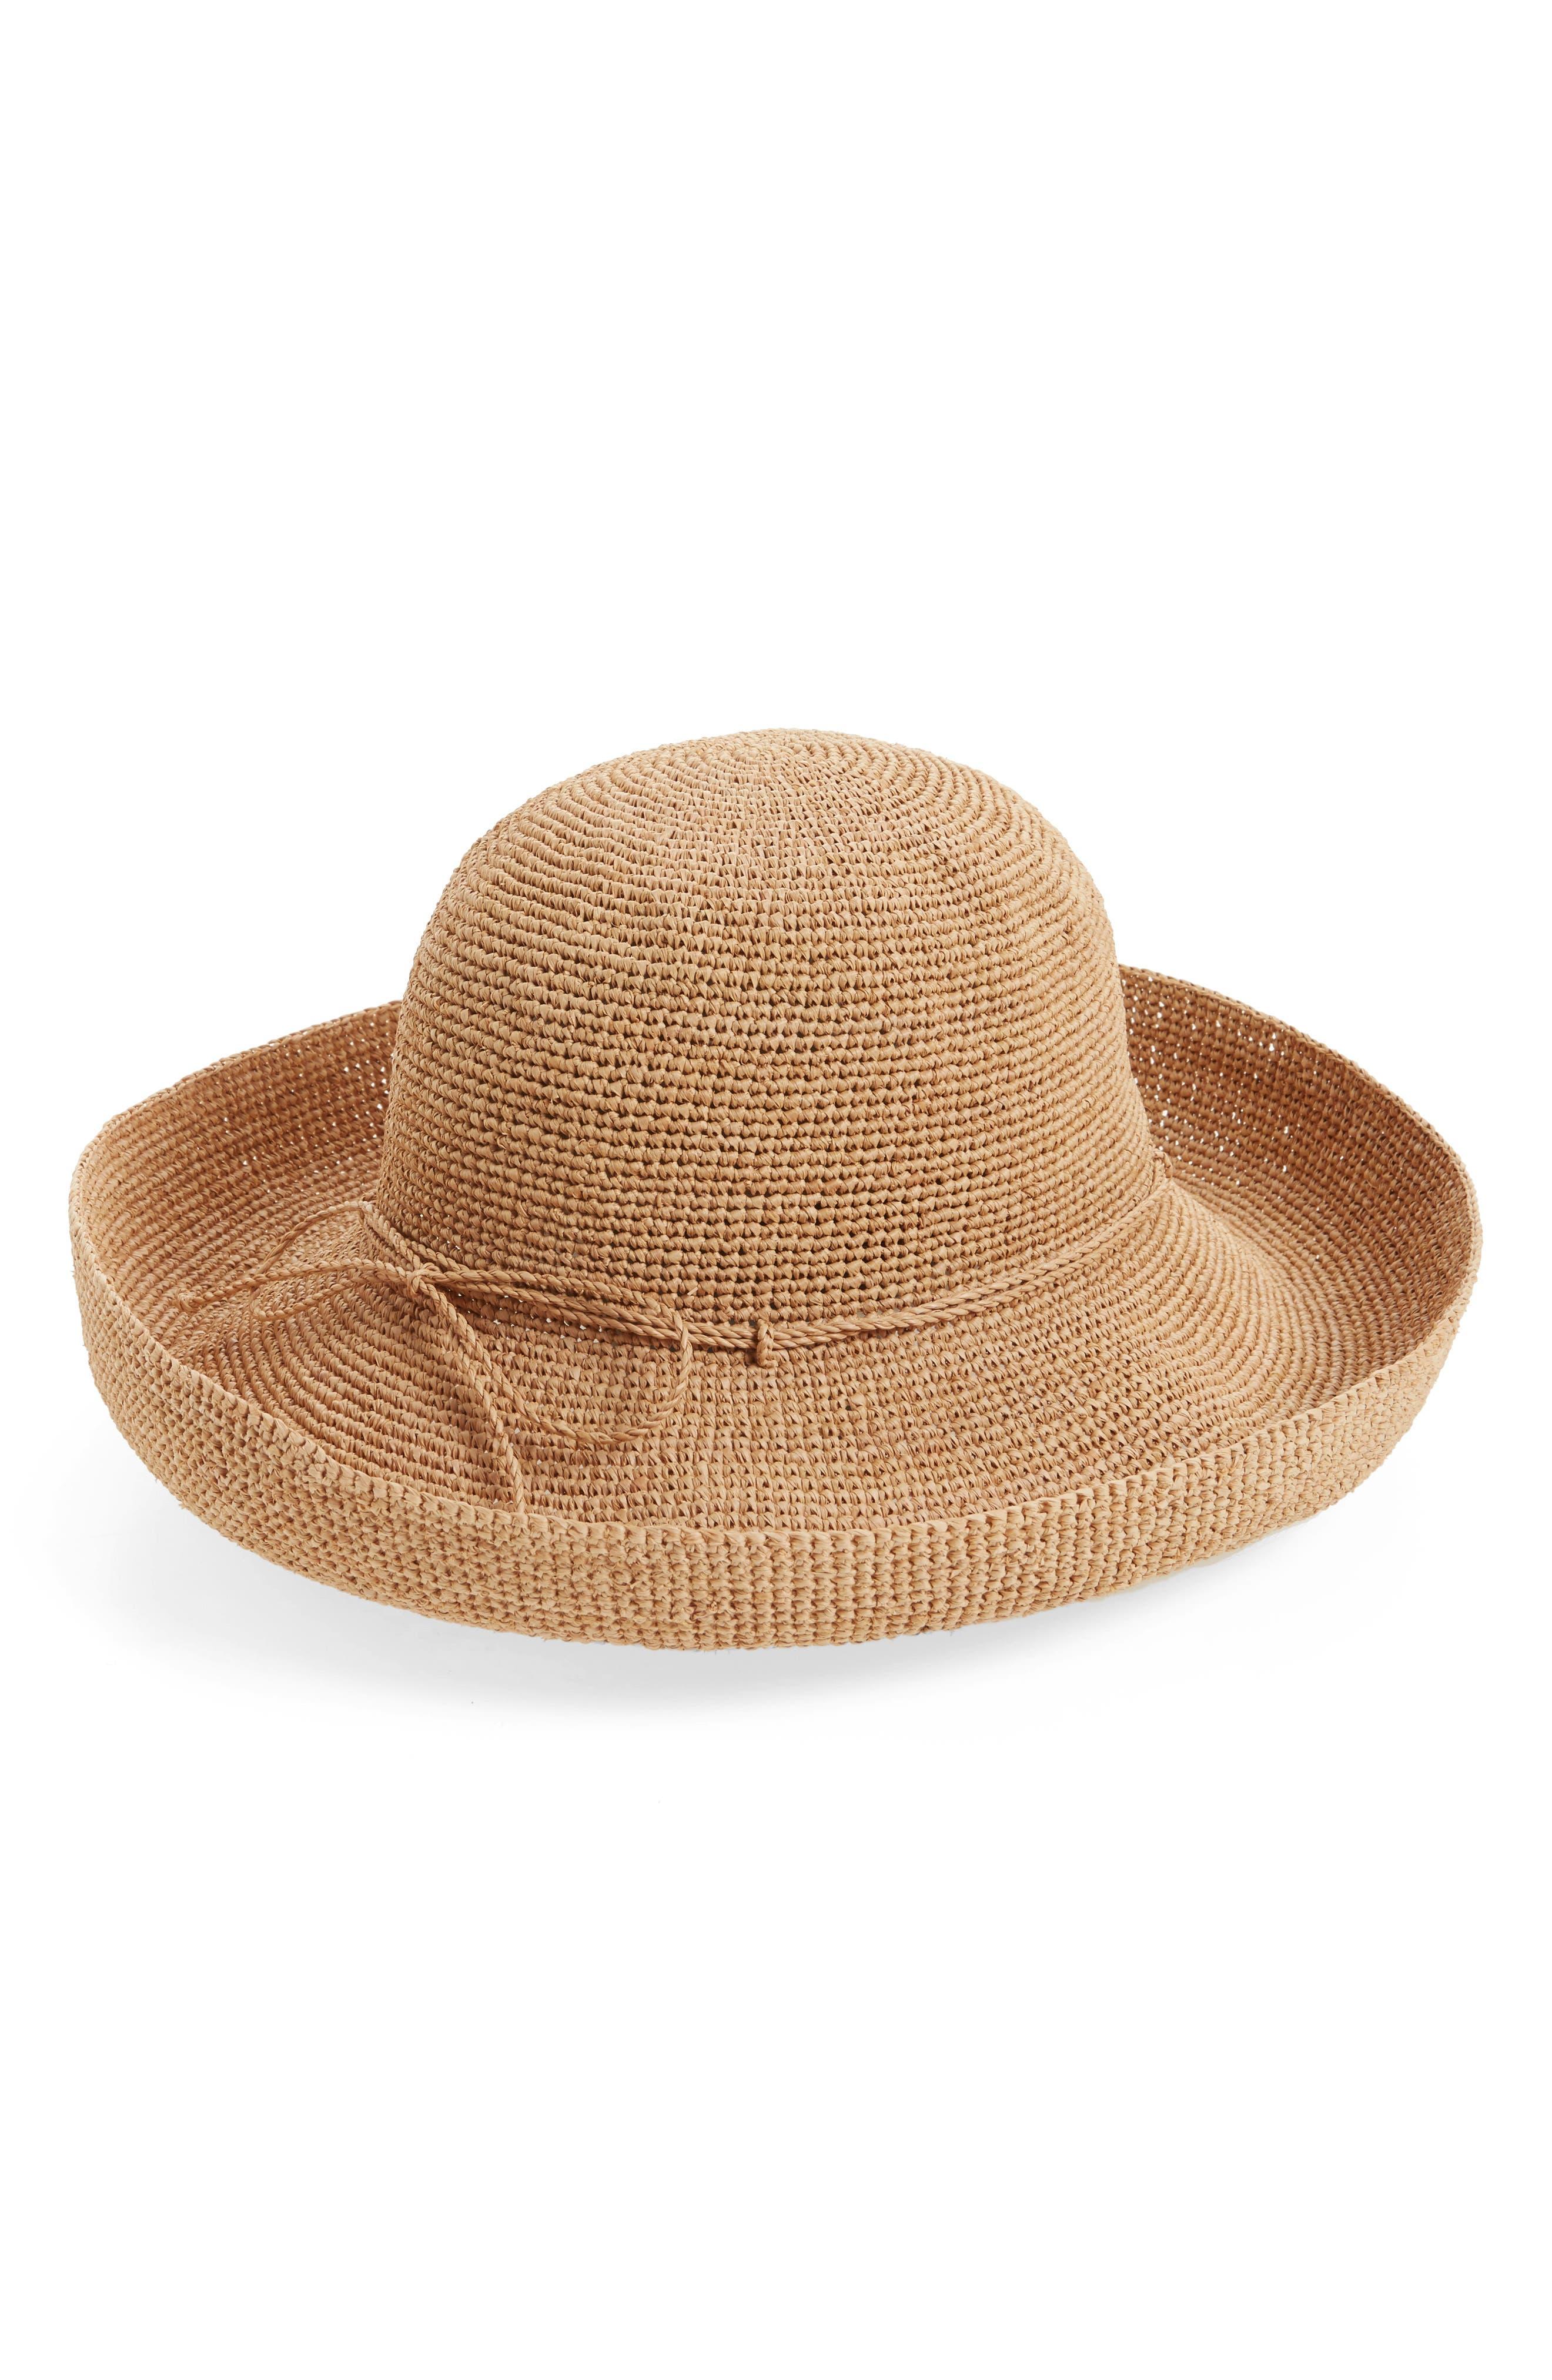 'Provence 12' Packable Raffia Hat,                             Main thumbnail 17, color,